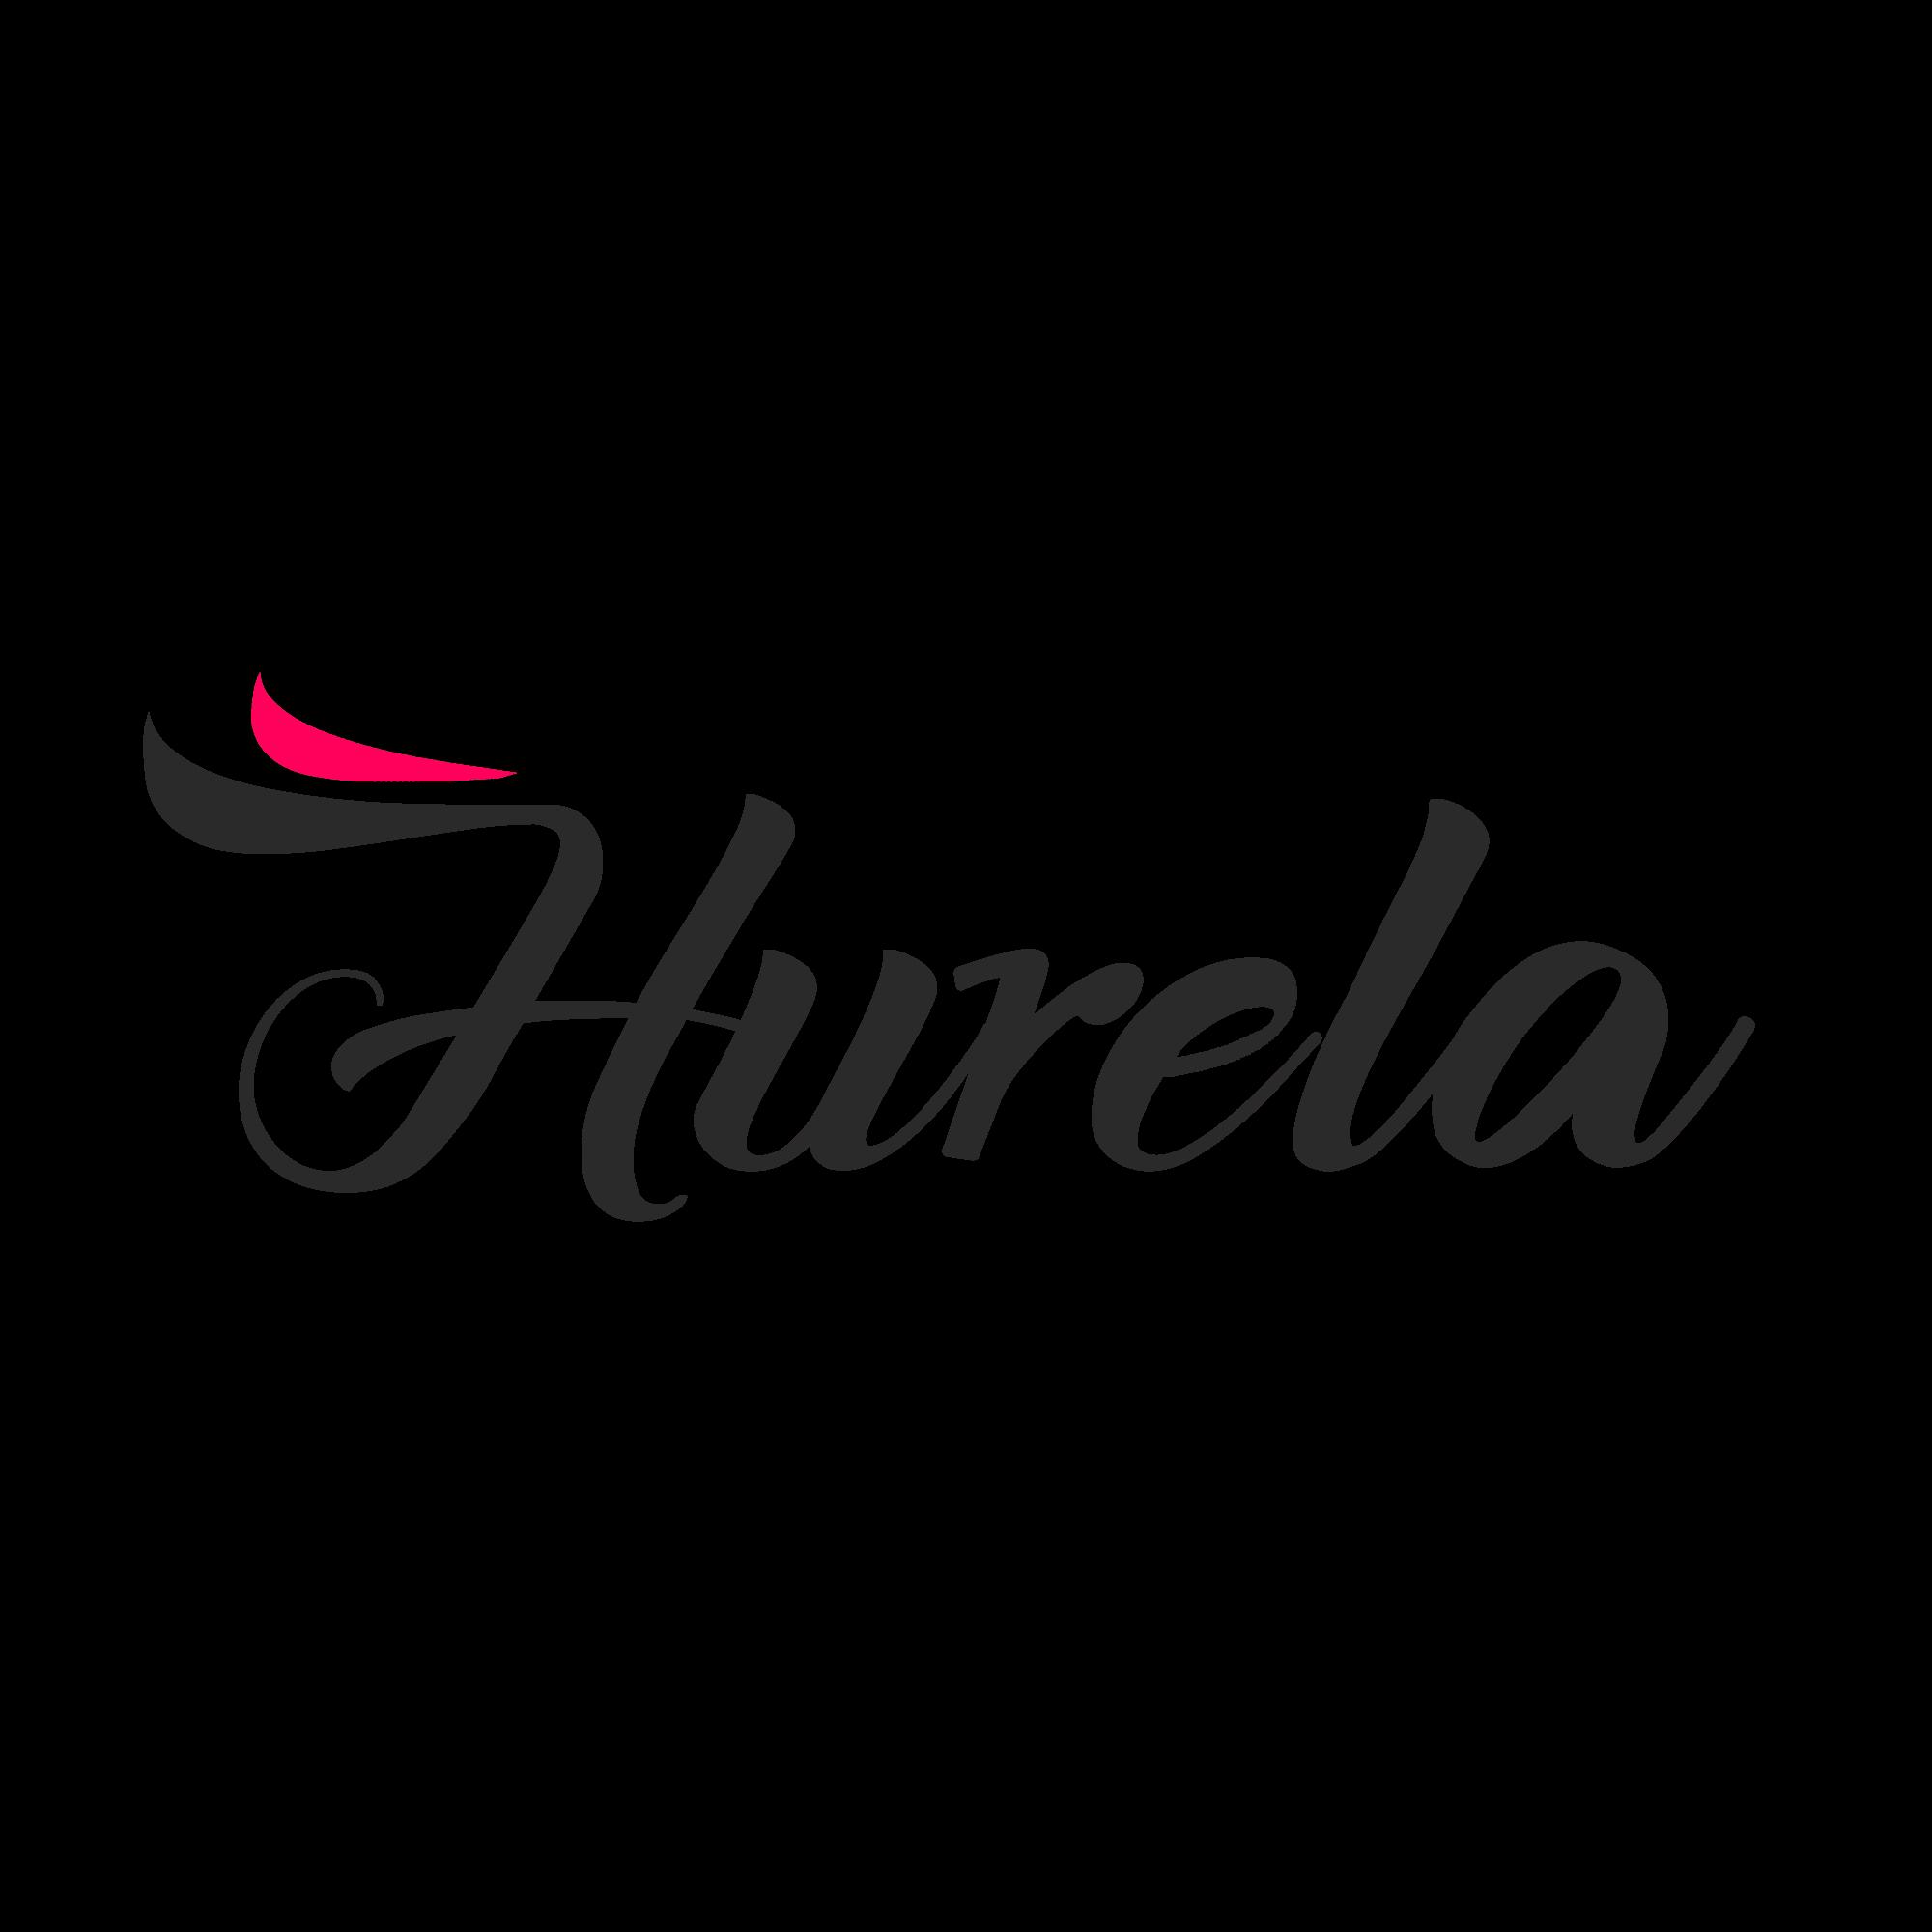 hurela Logo